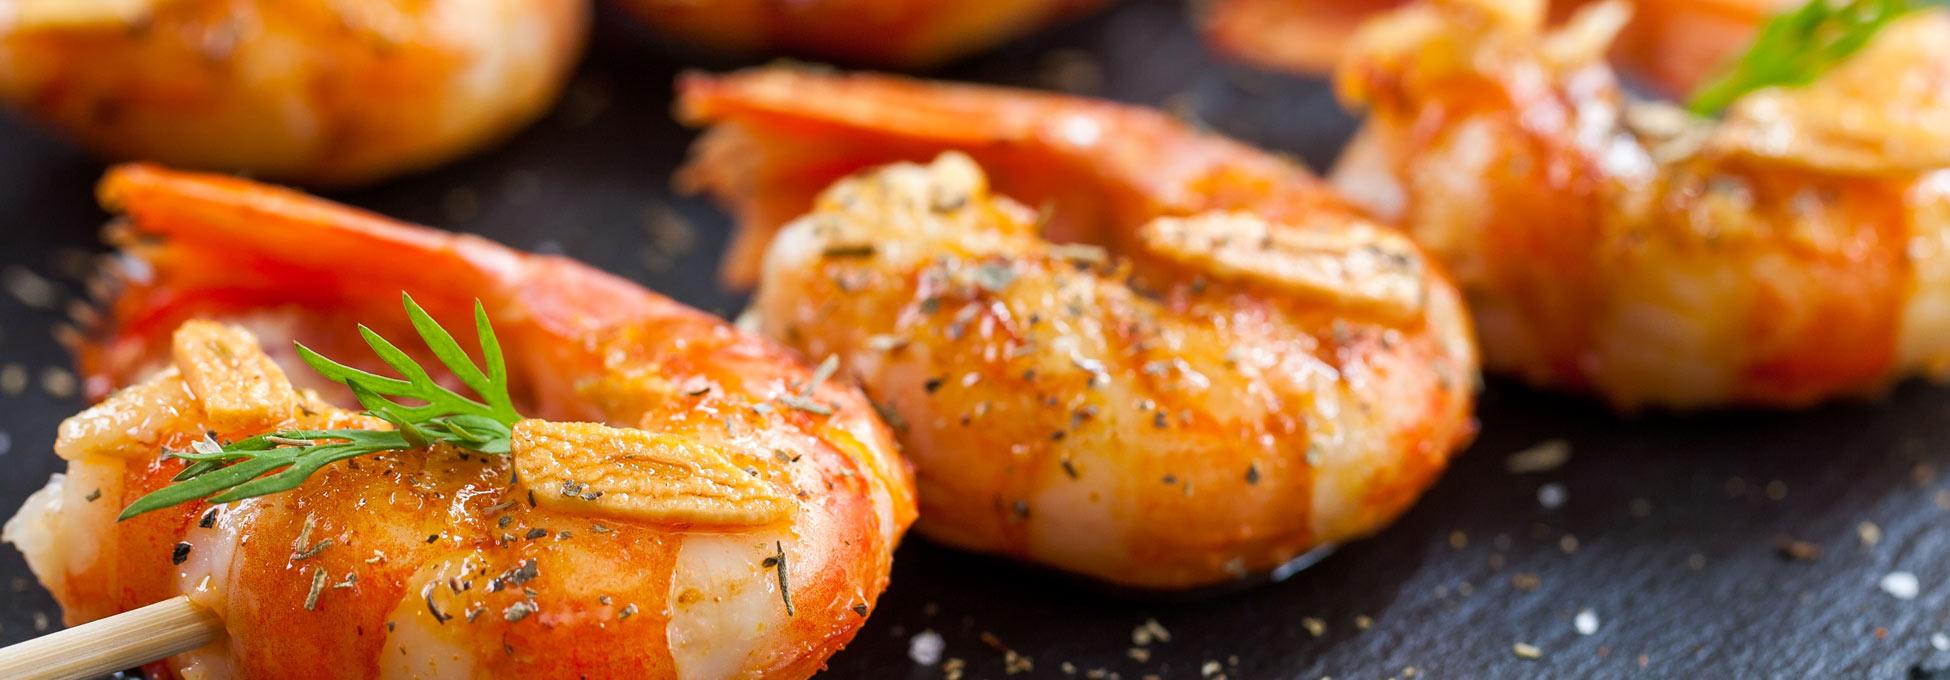 trigs-homepg-grilling-seafood-sale.jpg